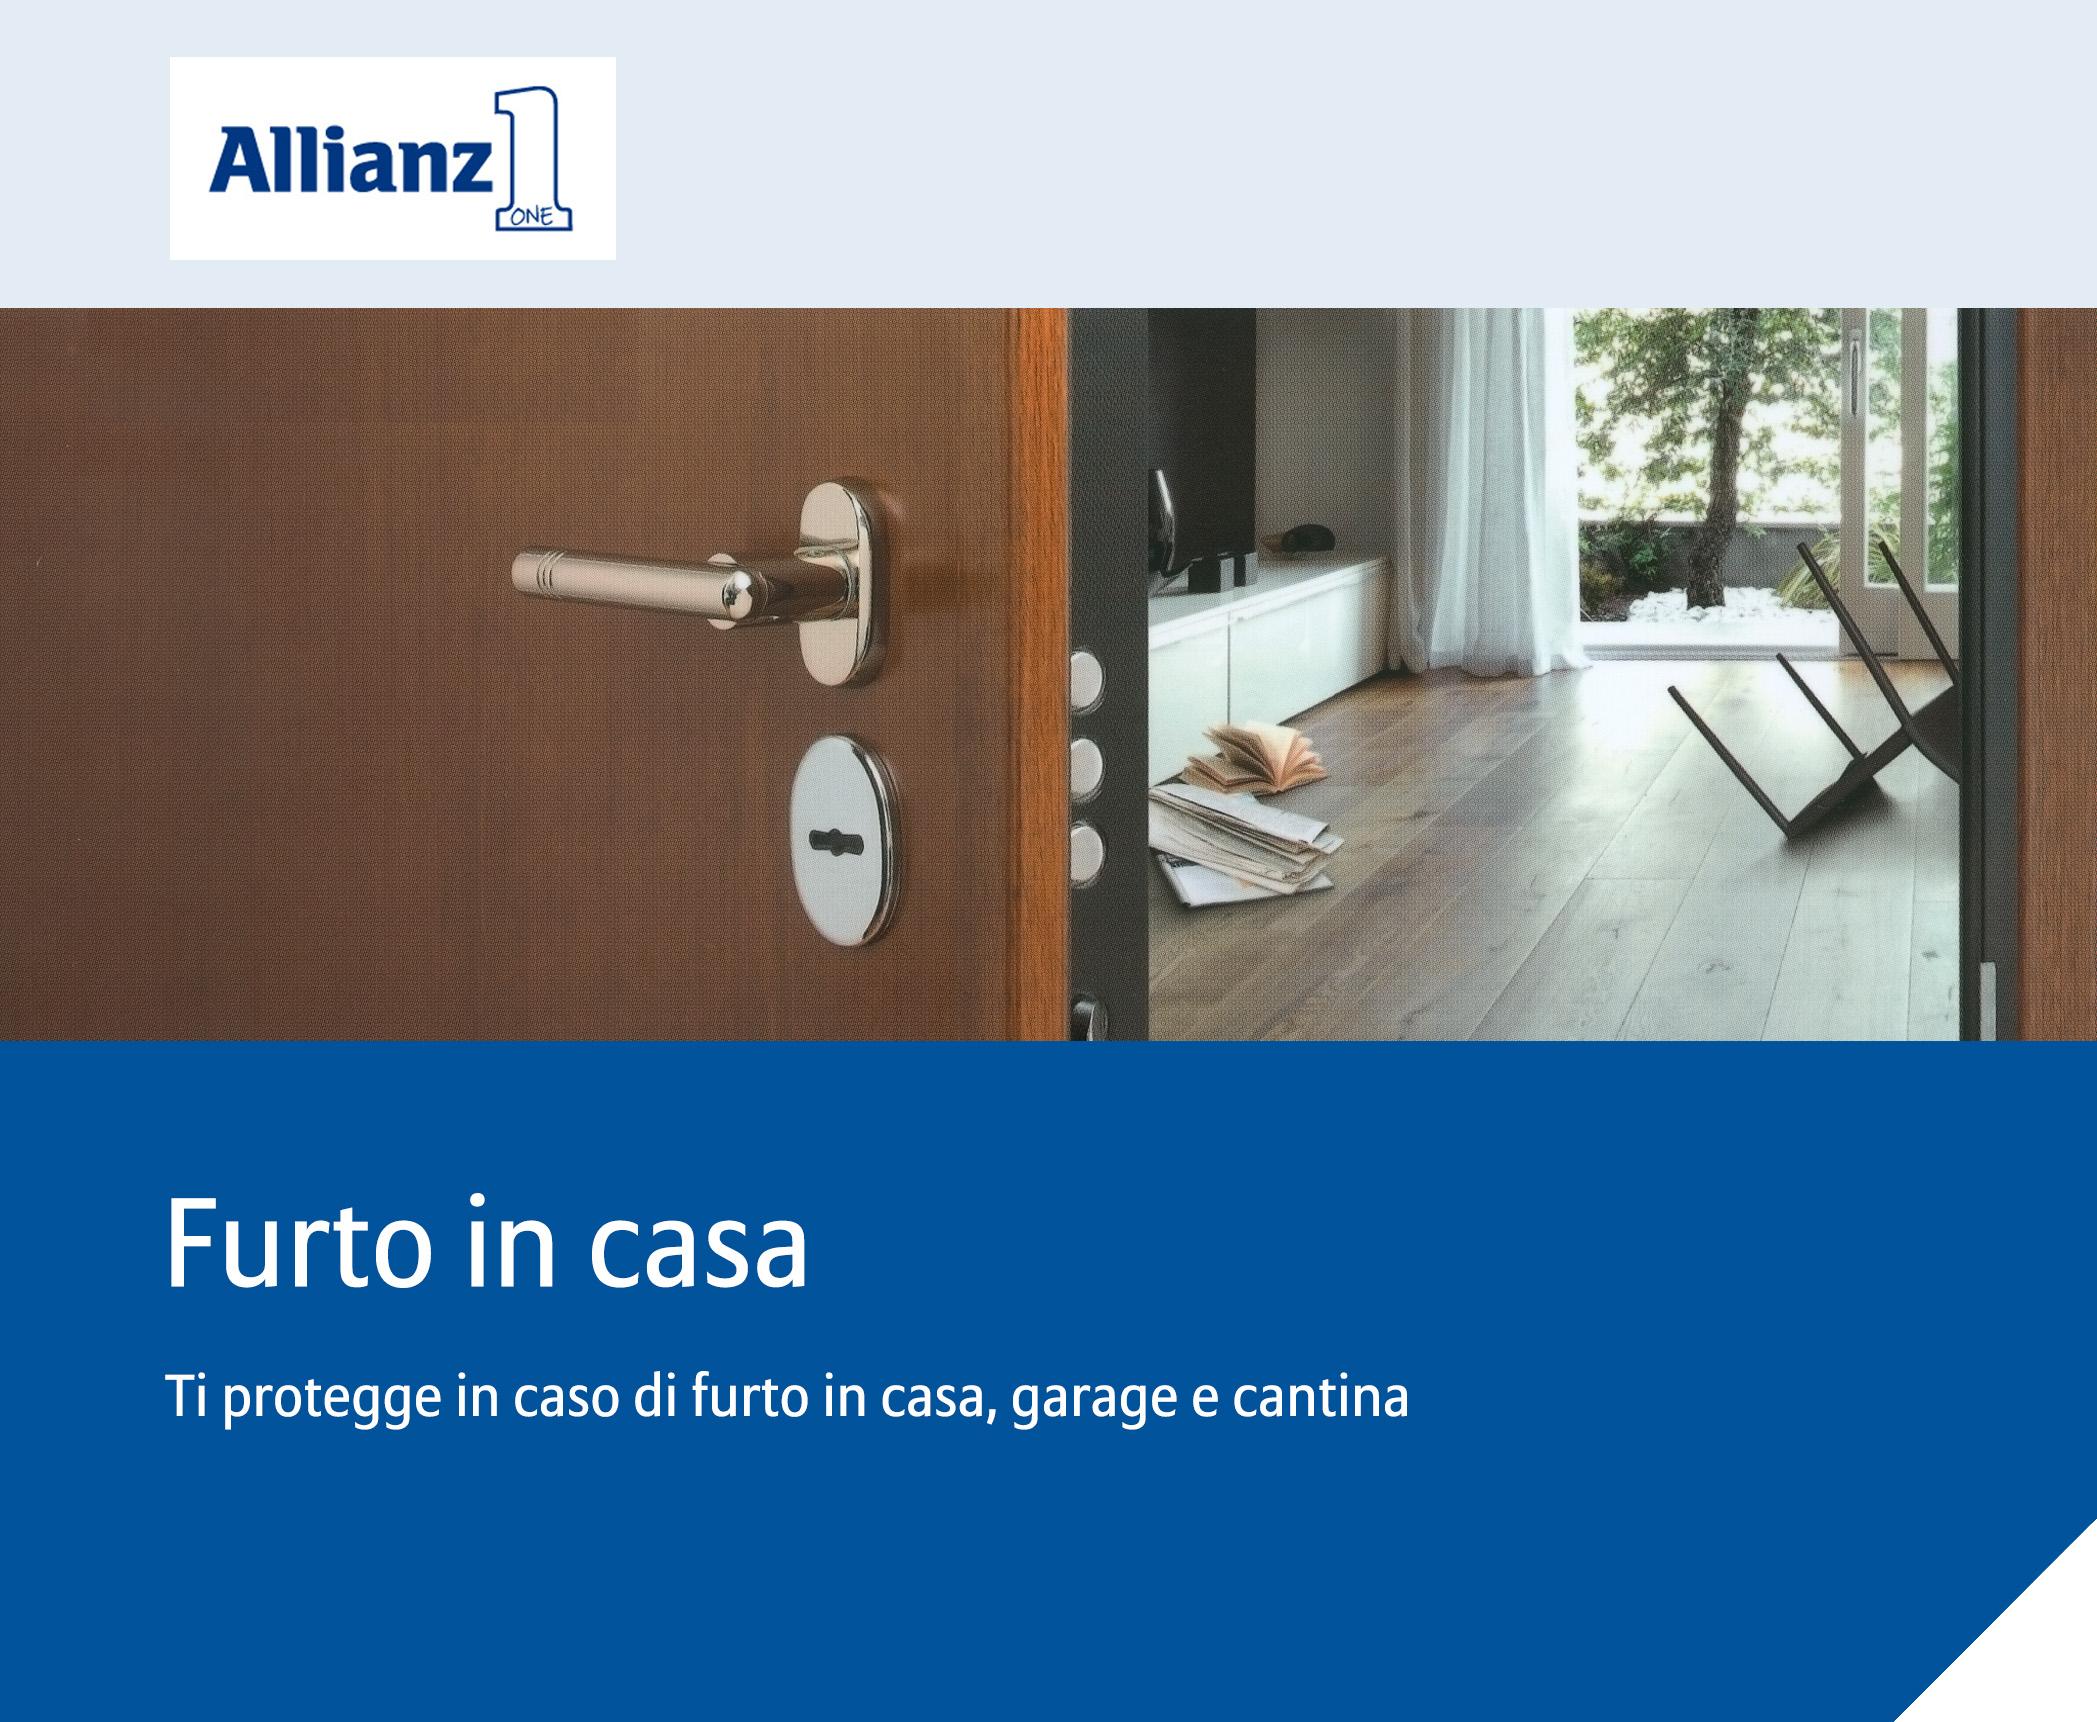 Furto in casa milella assicurazioni allianz a bari for Piccoli piani di casa con cantina e garage